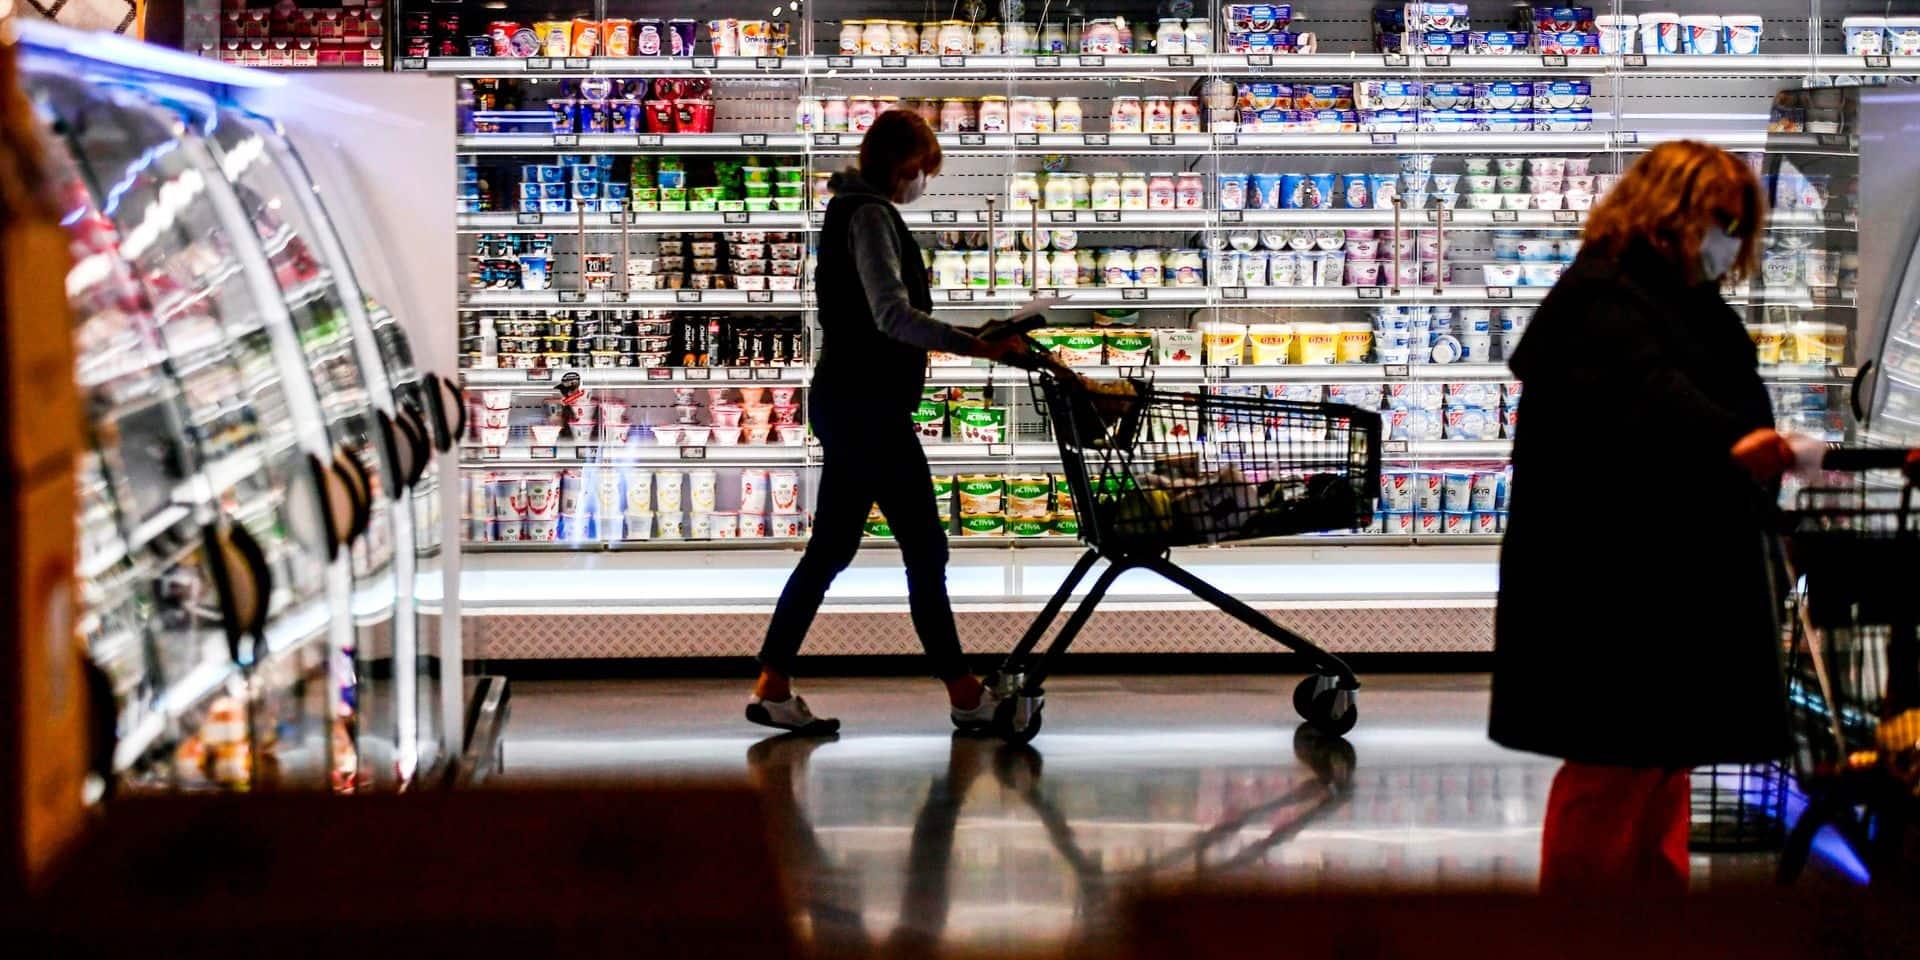 Supermarchés : quels produits sont les gagnants et les perdants de la crise corona ?